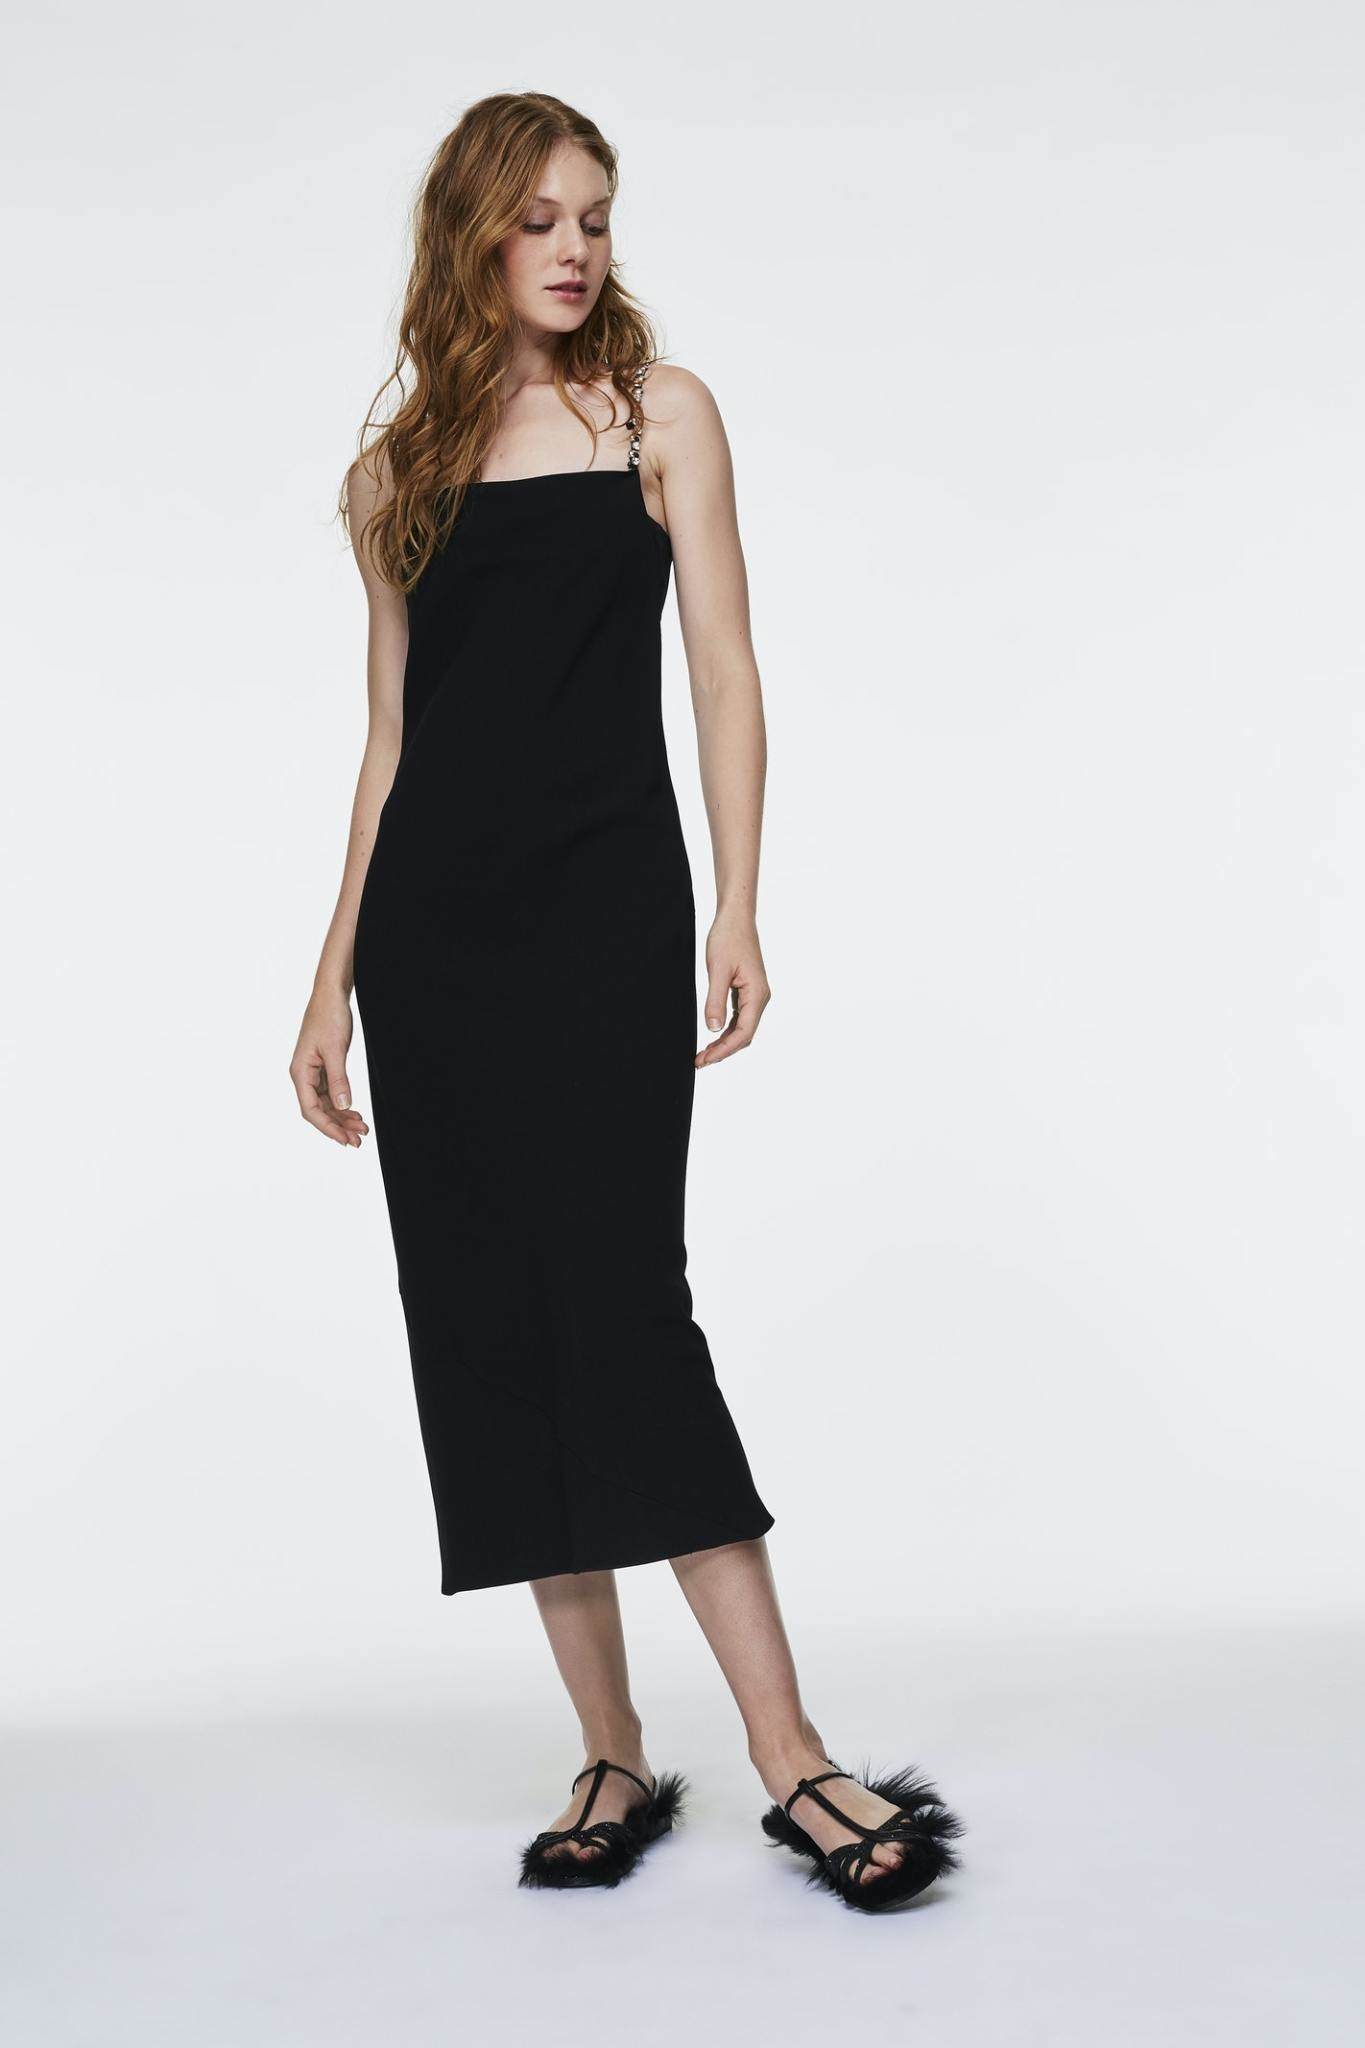 Classy statement dress dorothee schumacher-3